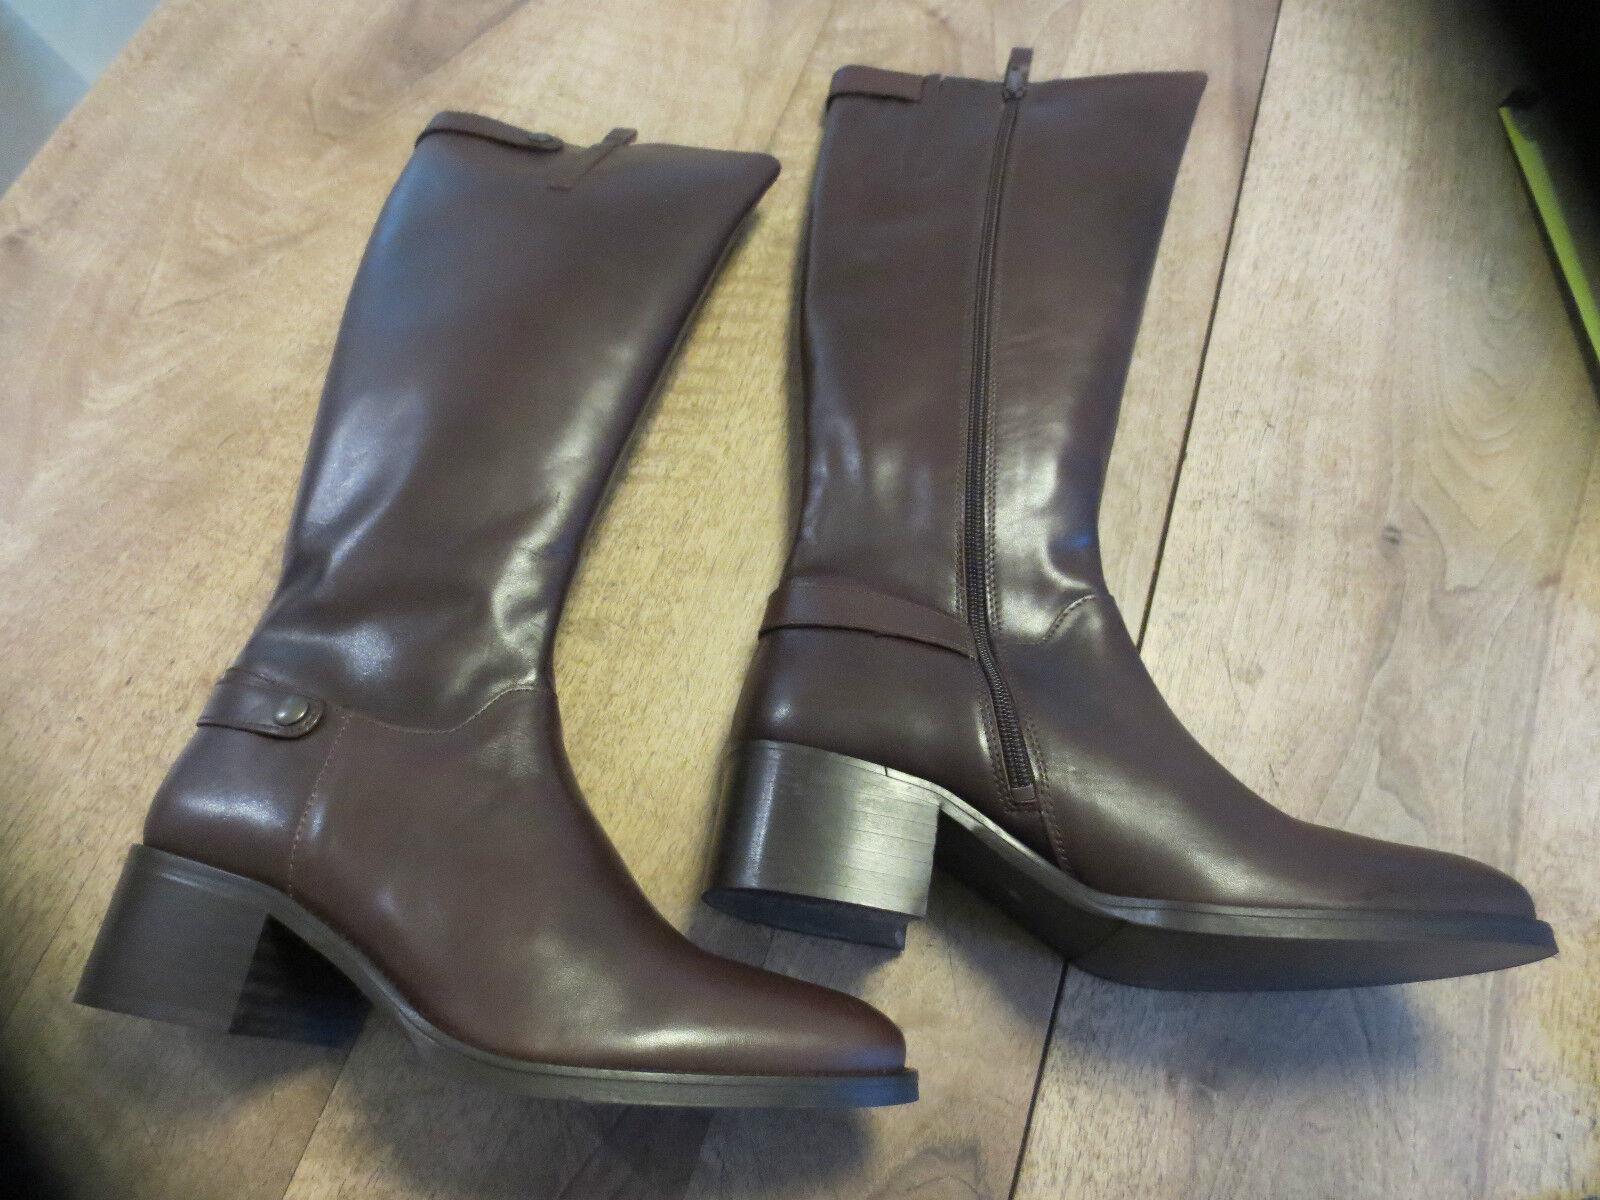 Stivali di pelle Marroneee M par M Neuve val189E Tacco 5,5 cm numeri 36,38,40